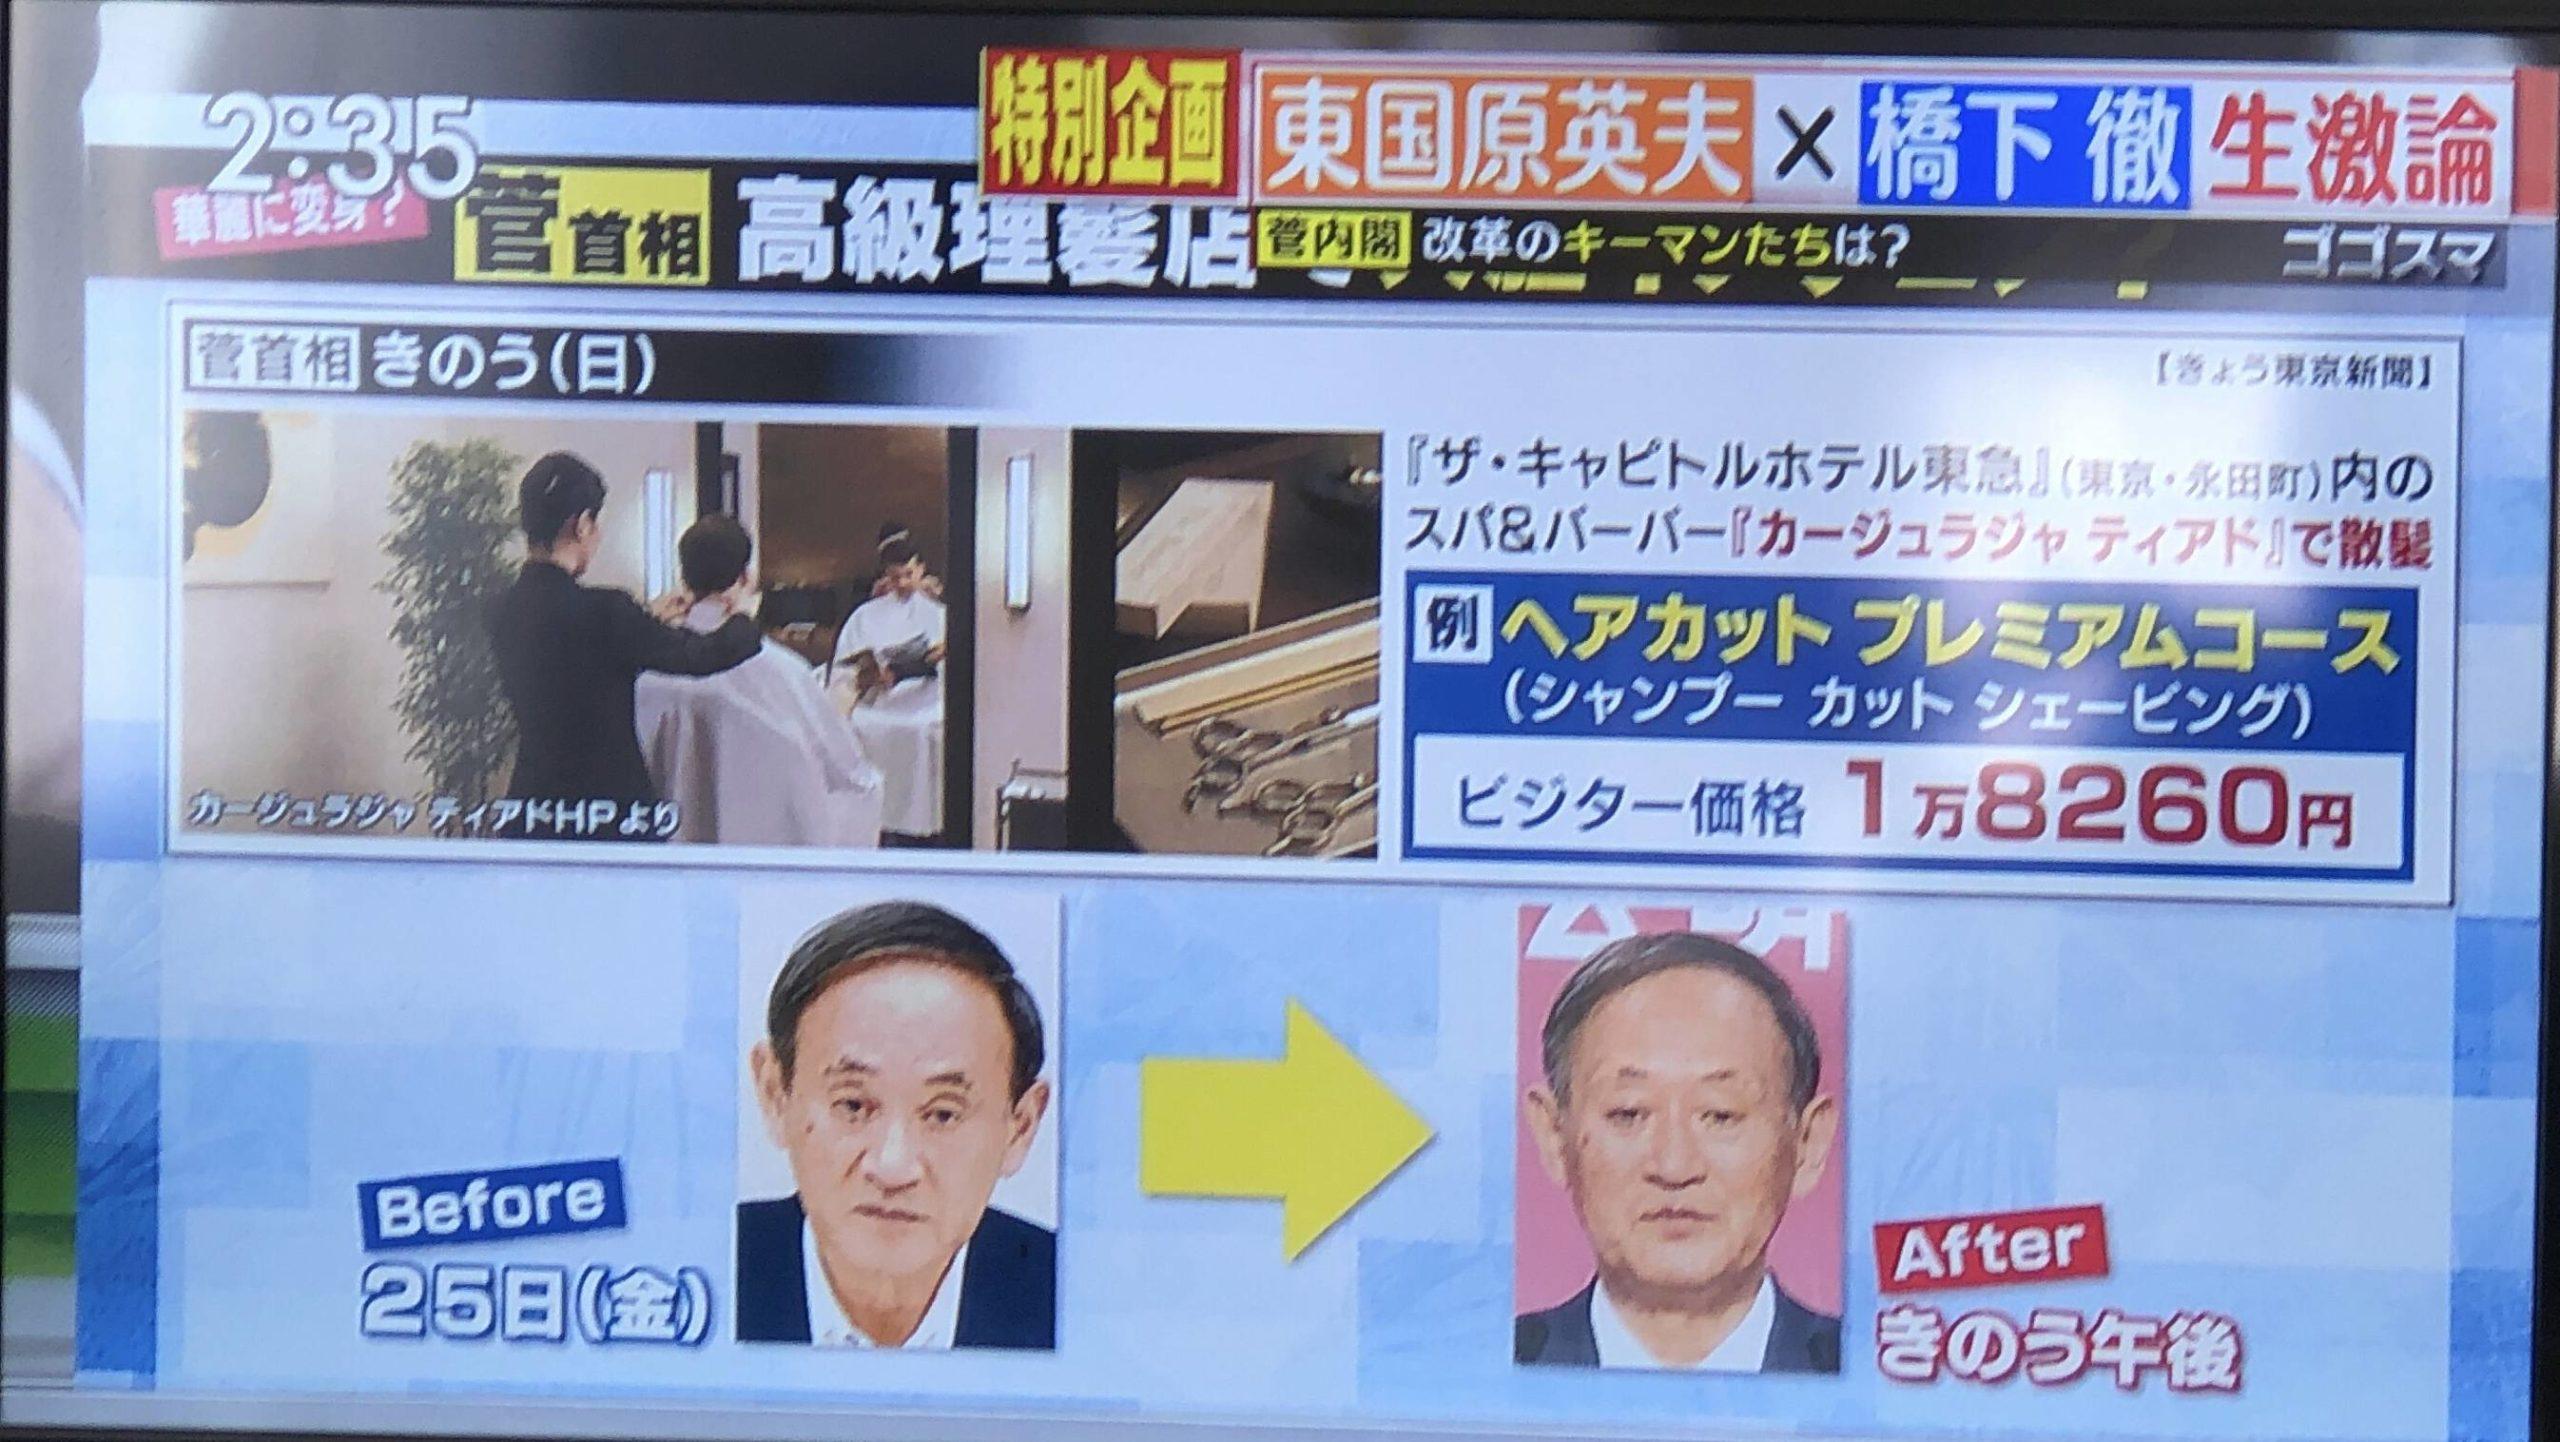 【ハゲ速報】菅首相の散髪代、18,260円!!!